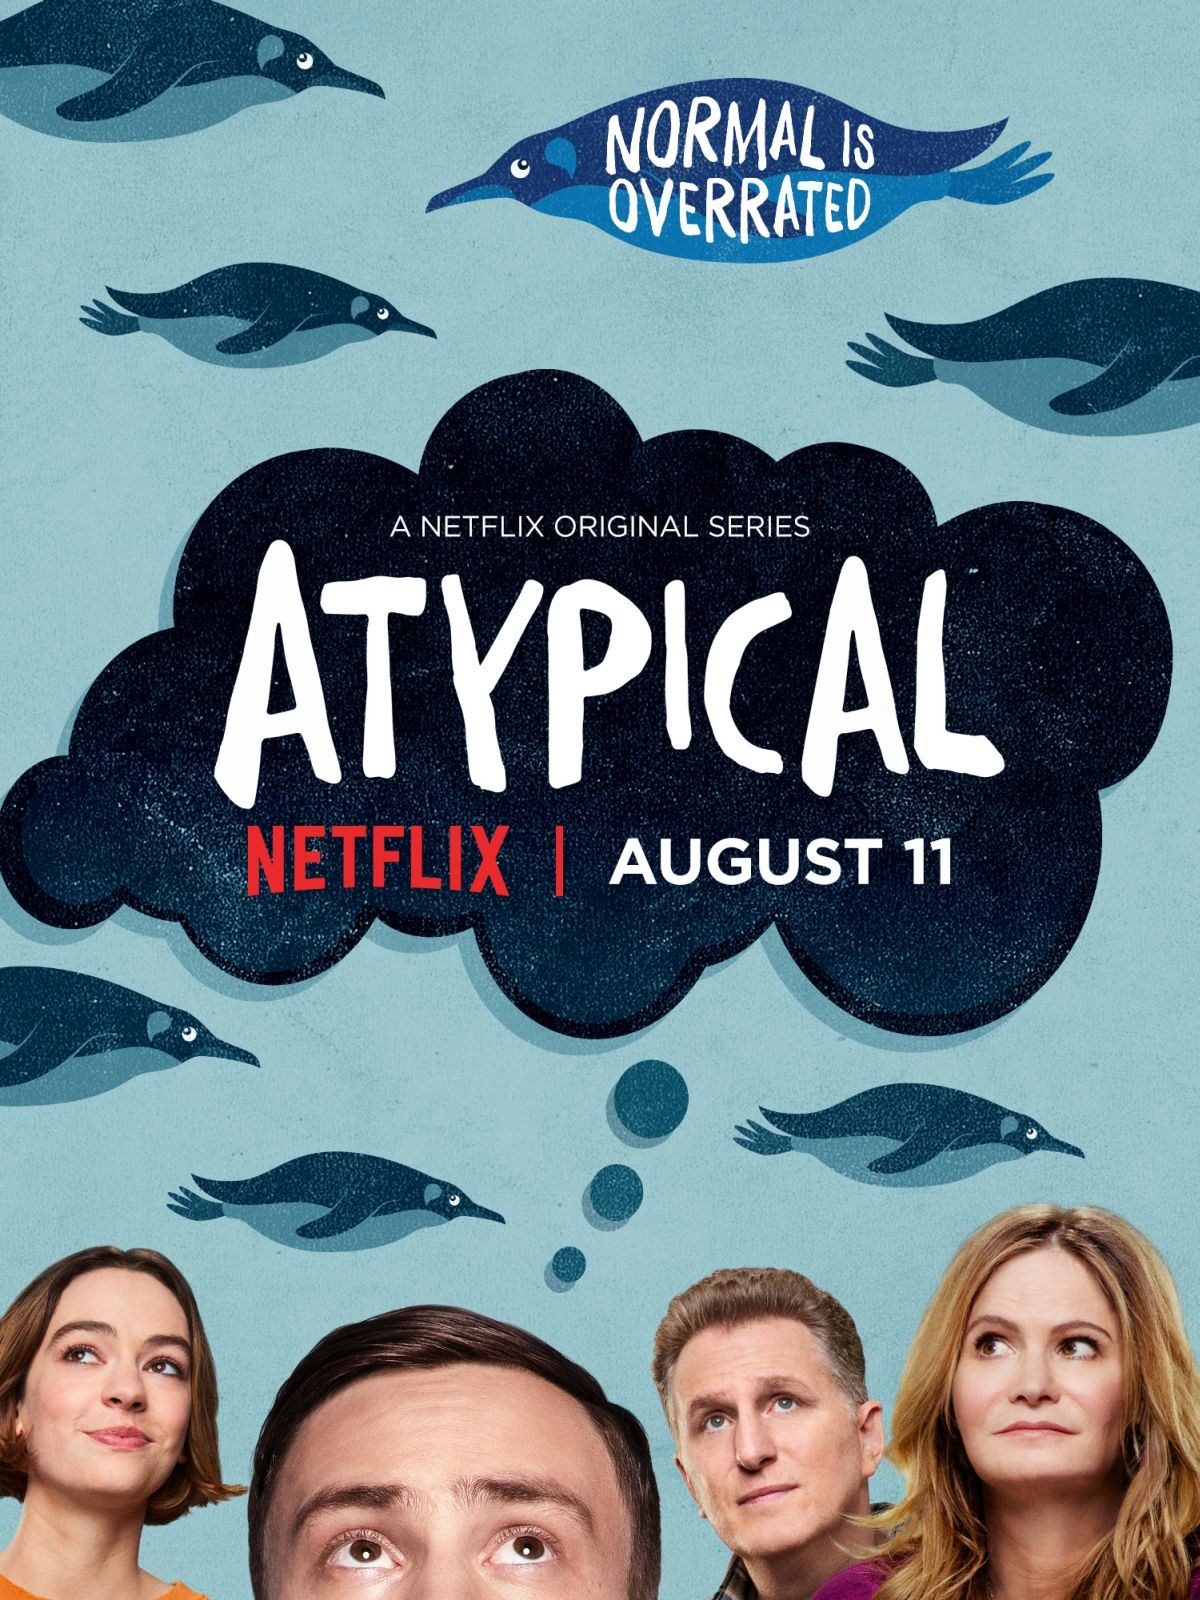 atypical1_vertical-main_pre_us.jpg